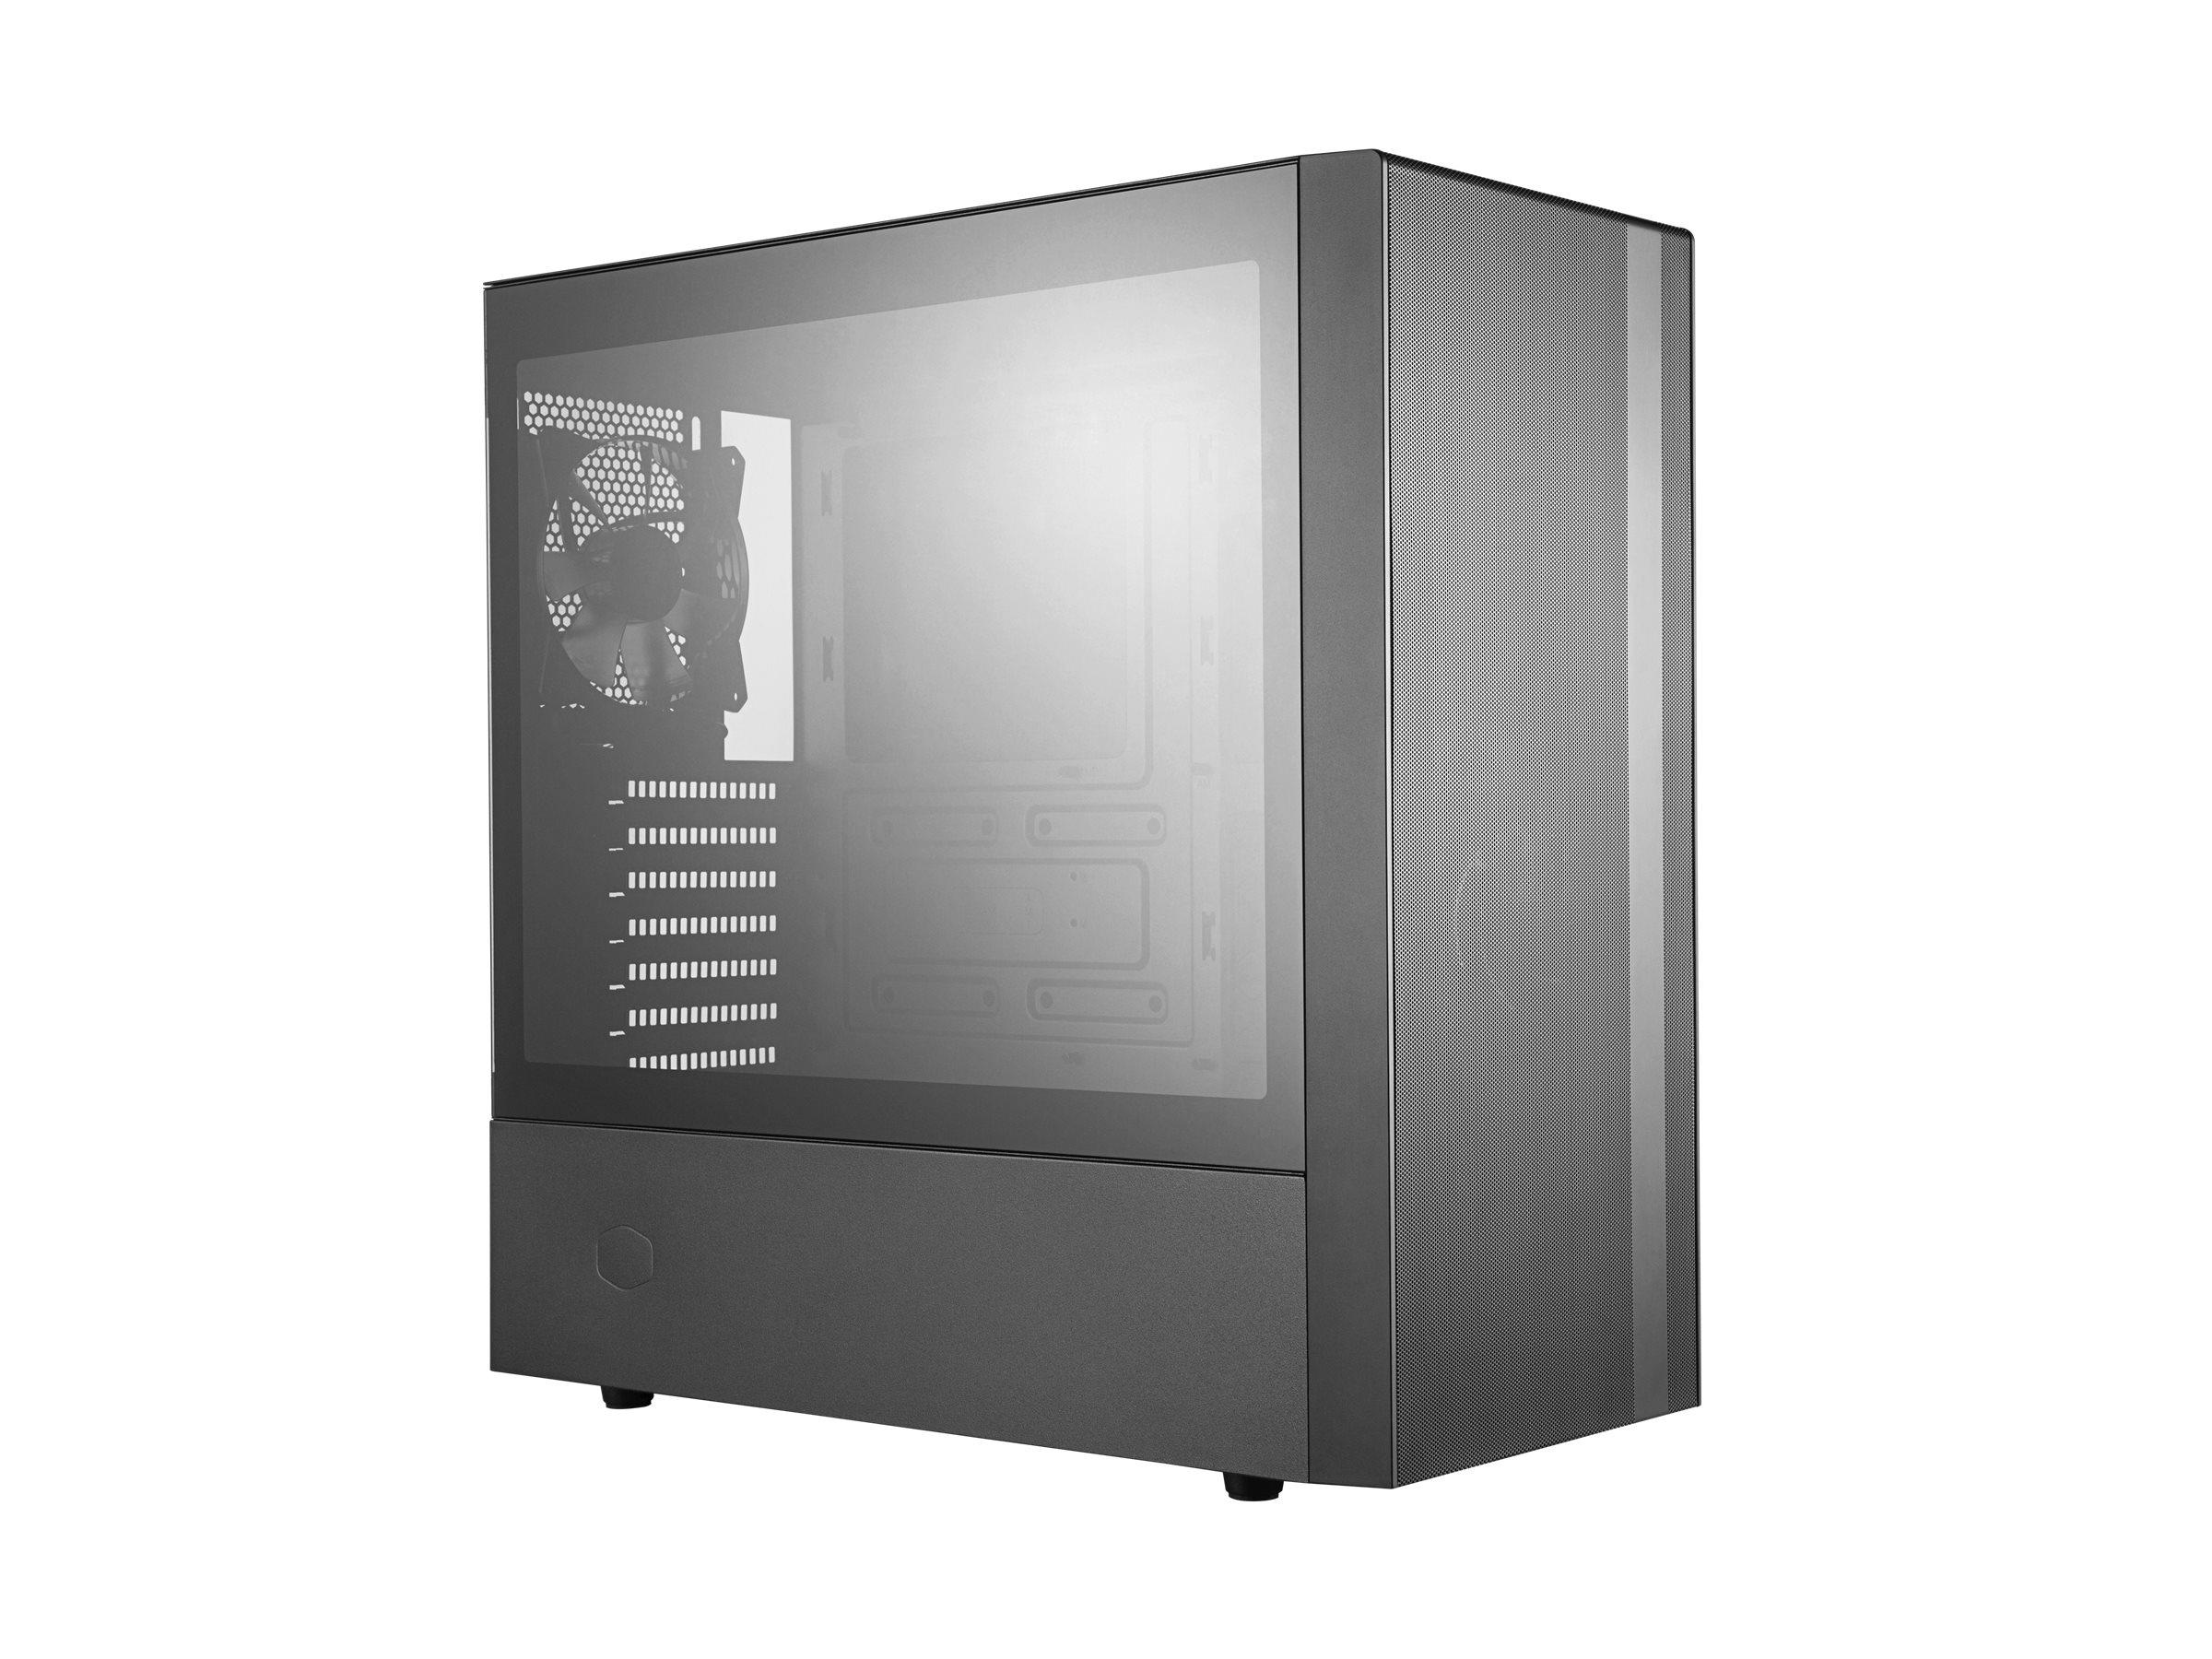 Cooler Master MasterBox NR600 - Tower - ATX - ohne Netzteil (ATX) - Schwarz - USB/Audio